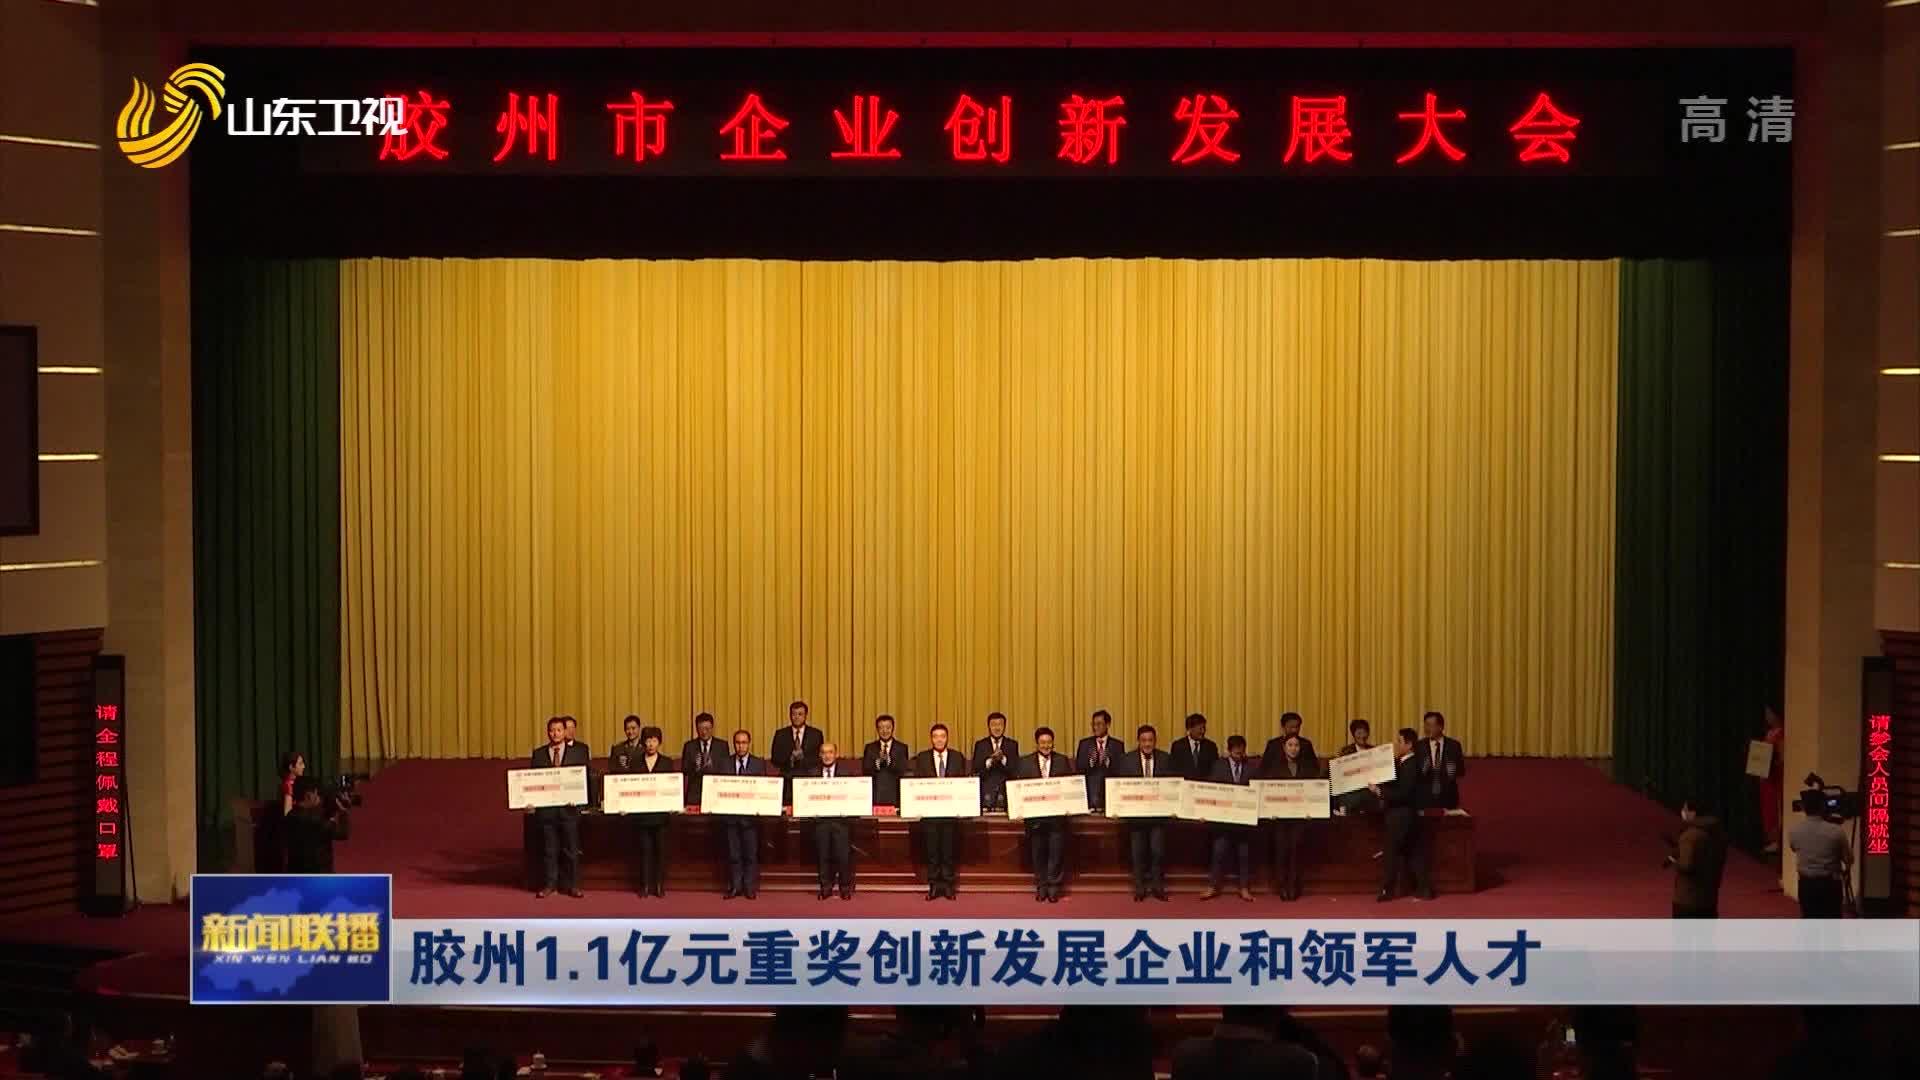 胶州1.1亿元重奖创新发展企业和领军人才